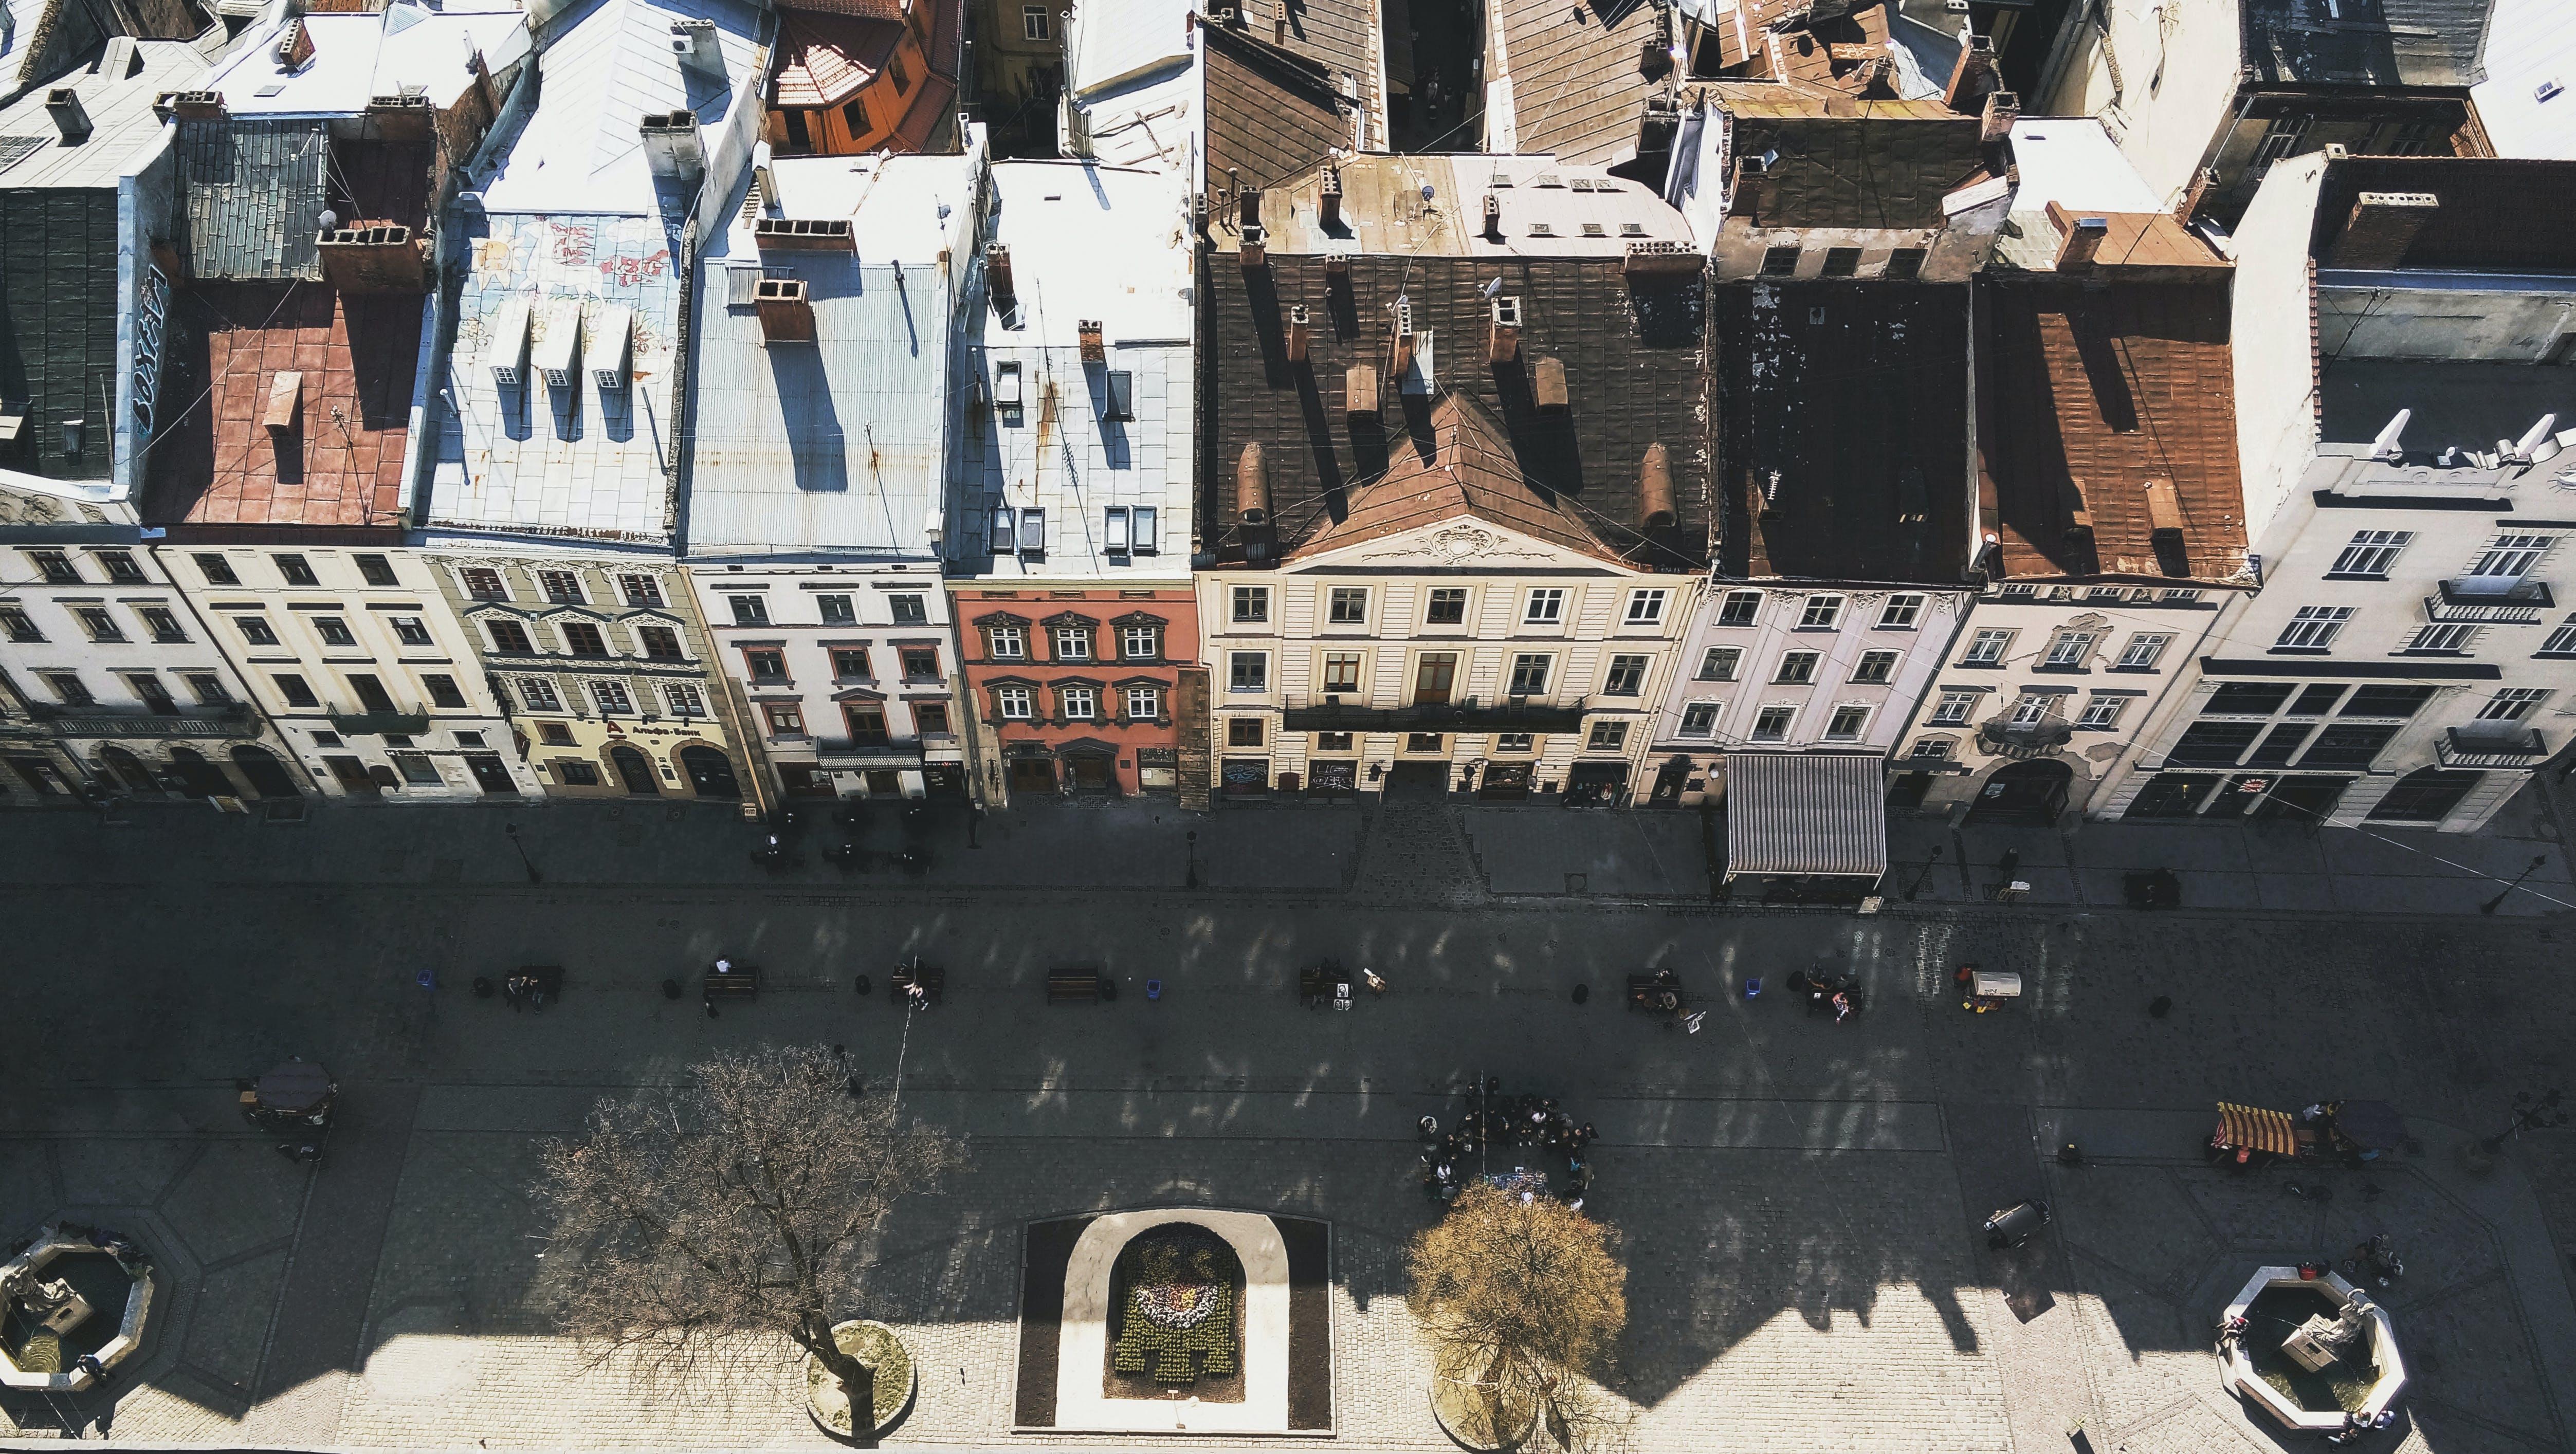 Aerial Shot Of Vehicles on Road Beside Buildings